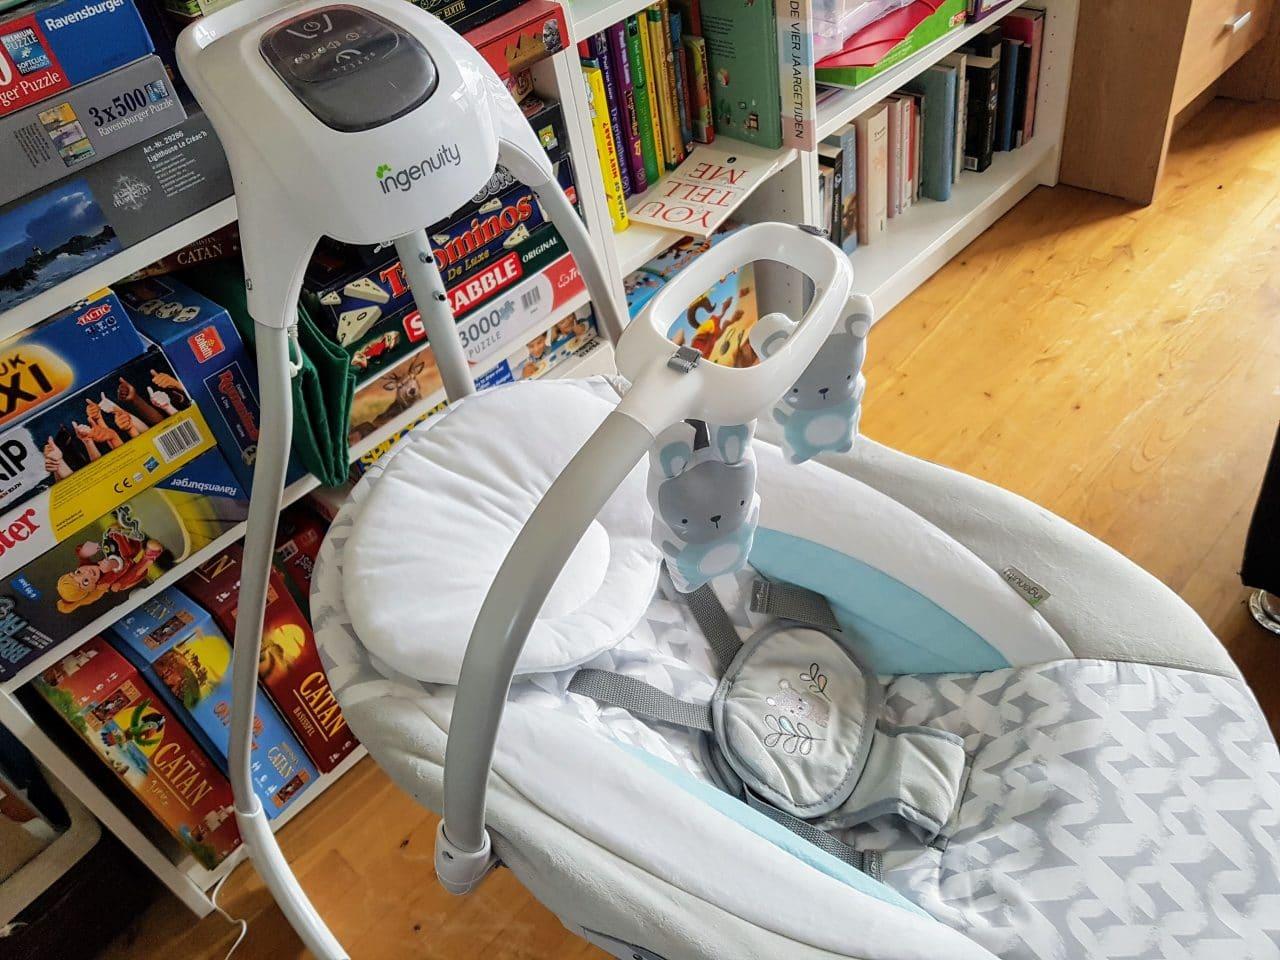 Afbeelding bij video waarin wordt getoond dat de babyschommel automatisch gaat schommelen. #Humor #video